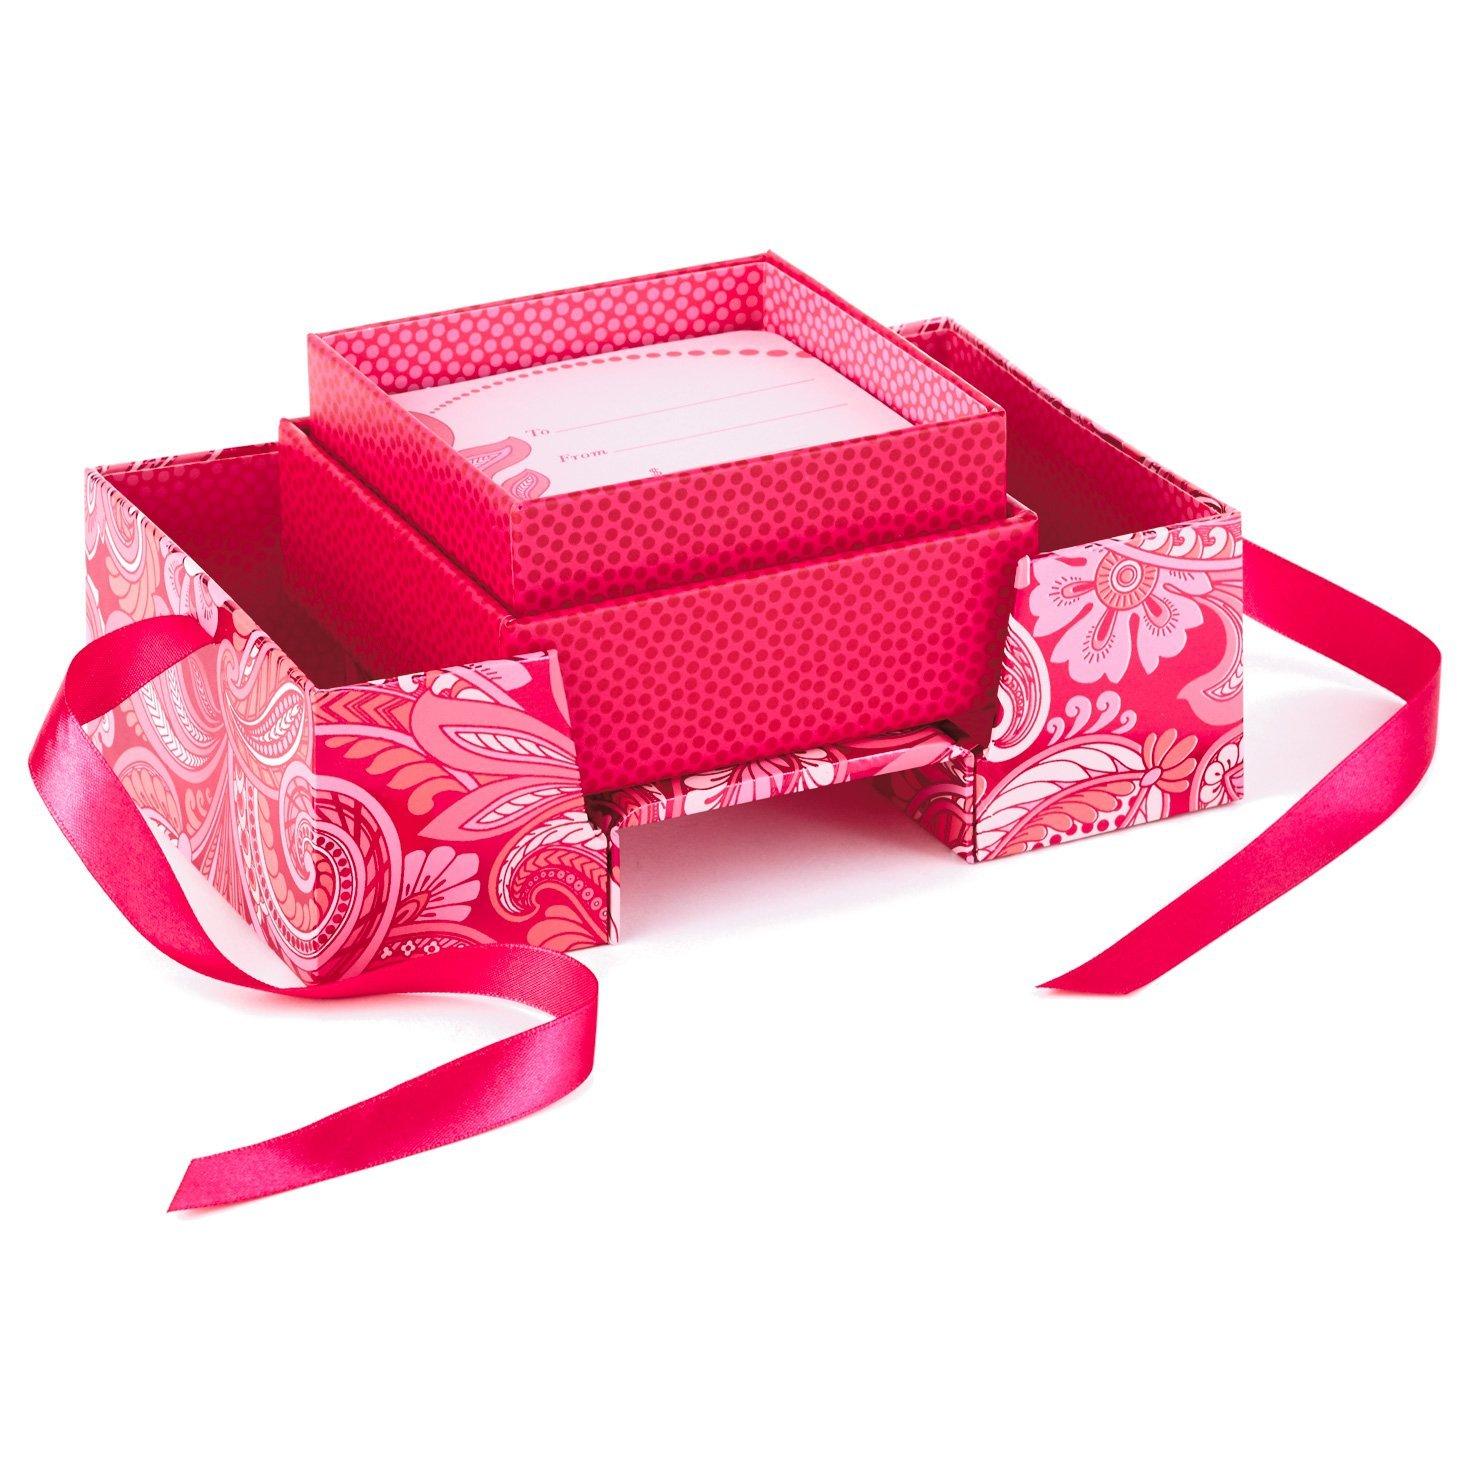 hallmark t card or money holder pink flowers pop